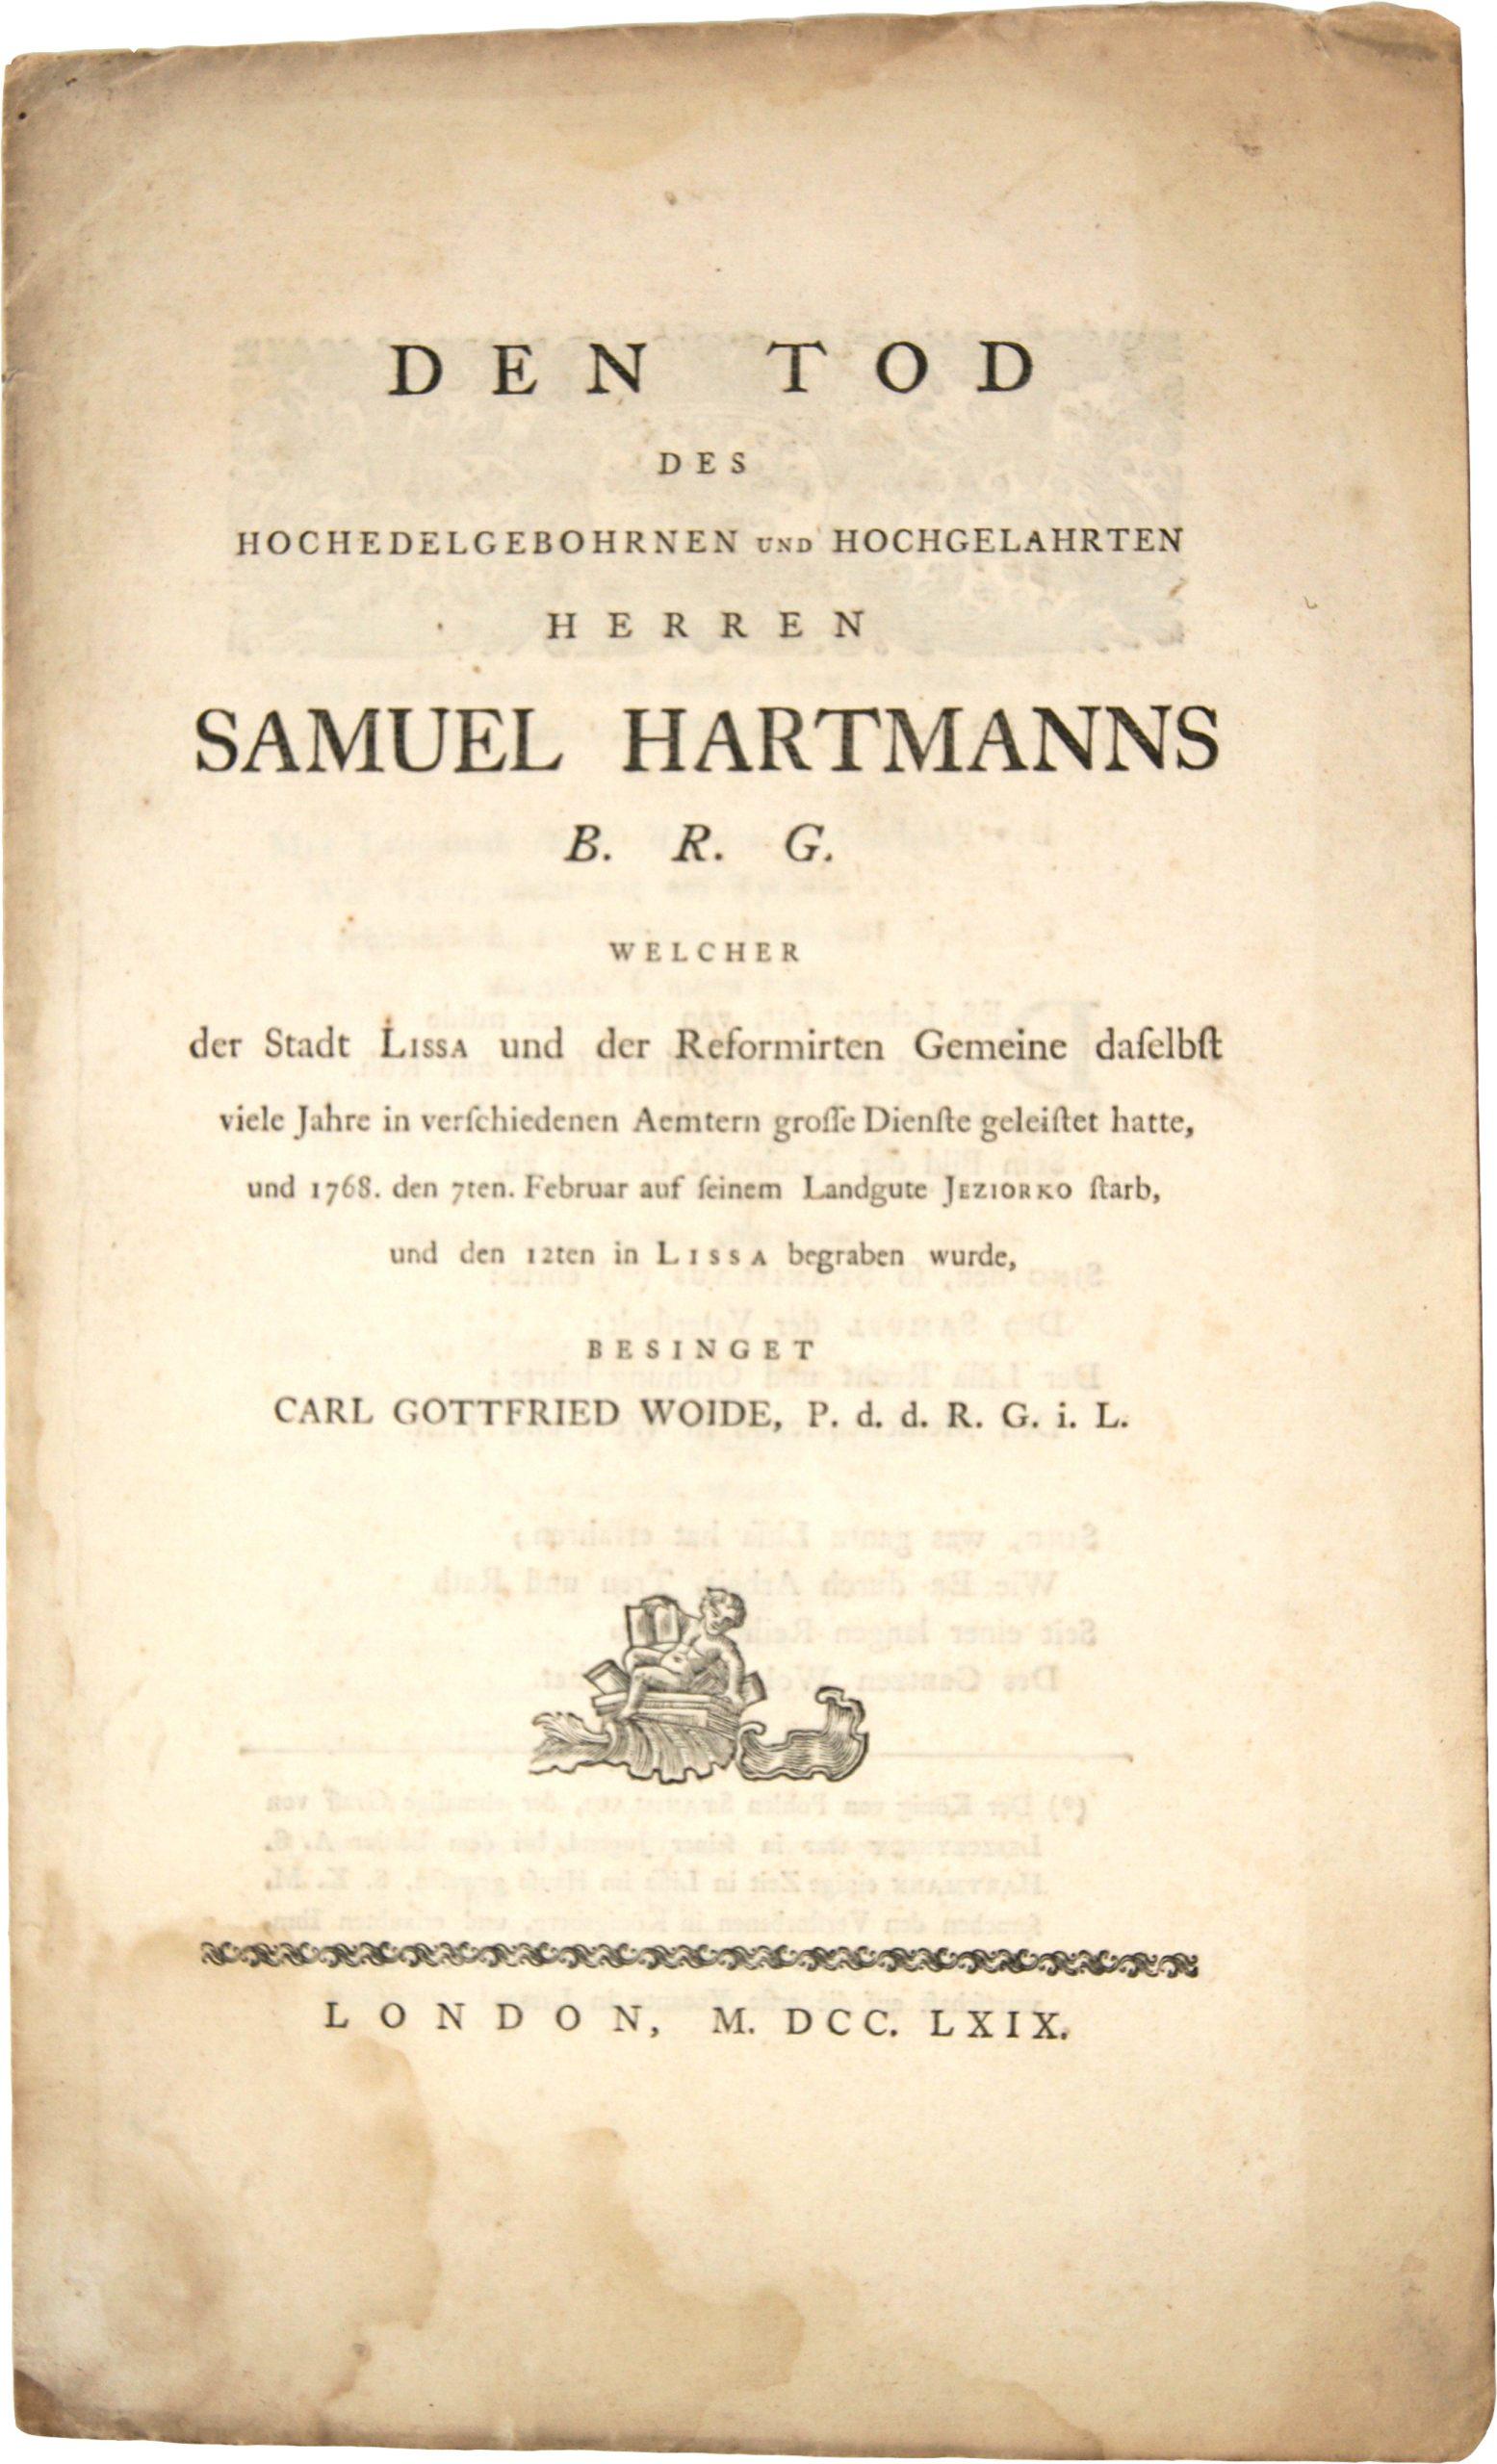 German printing in London